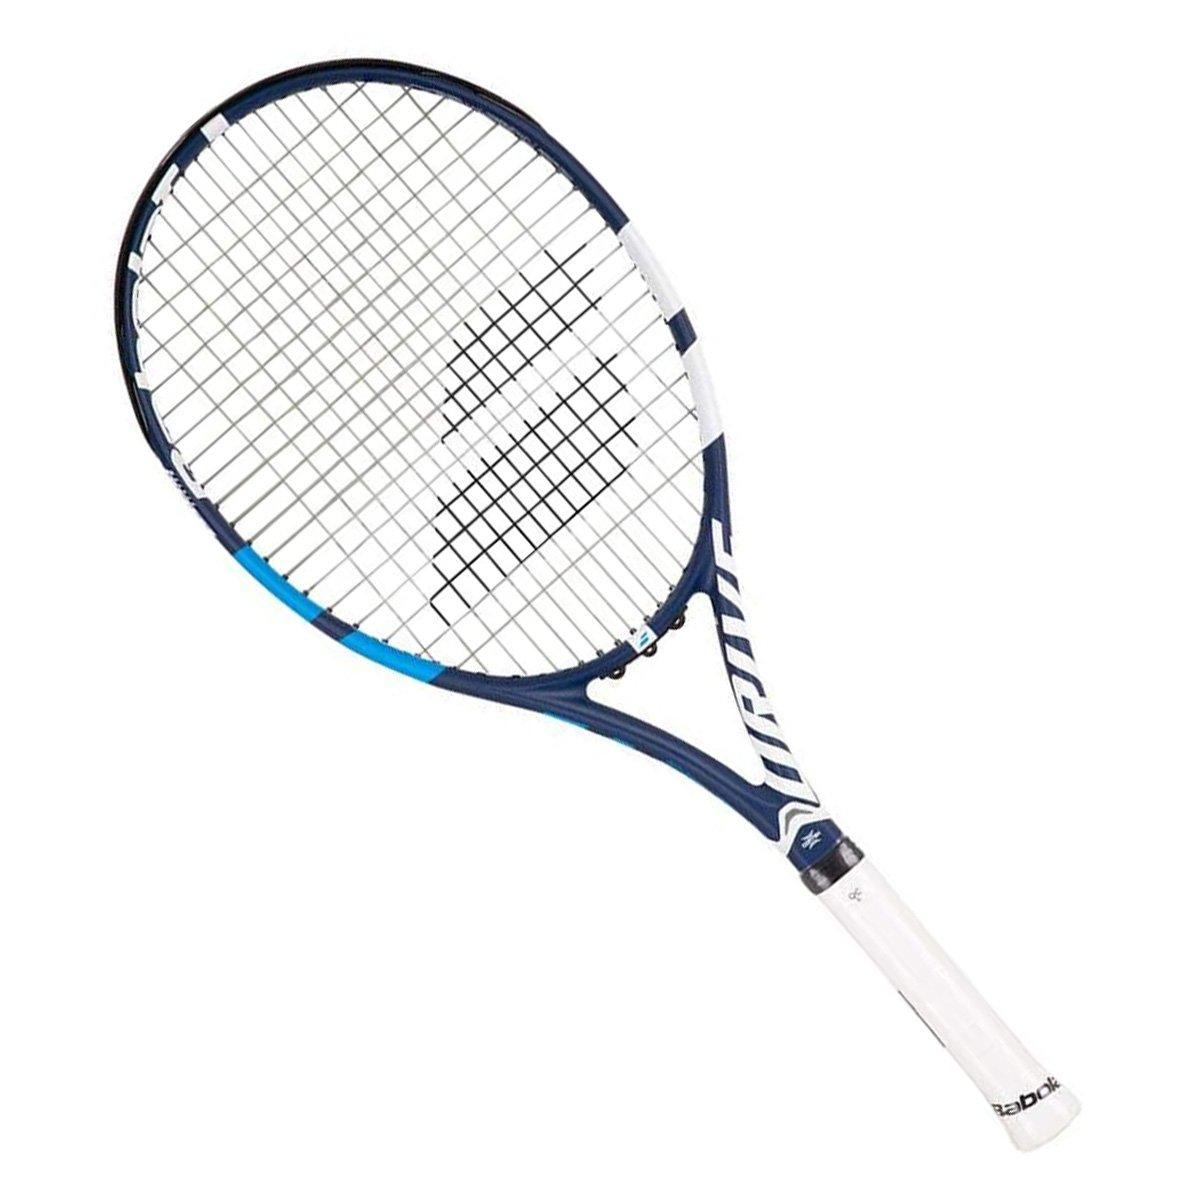 Raquete de Tênis Babolat Drive G Lite - 2021